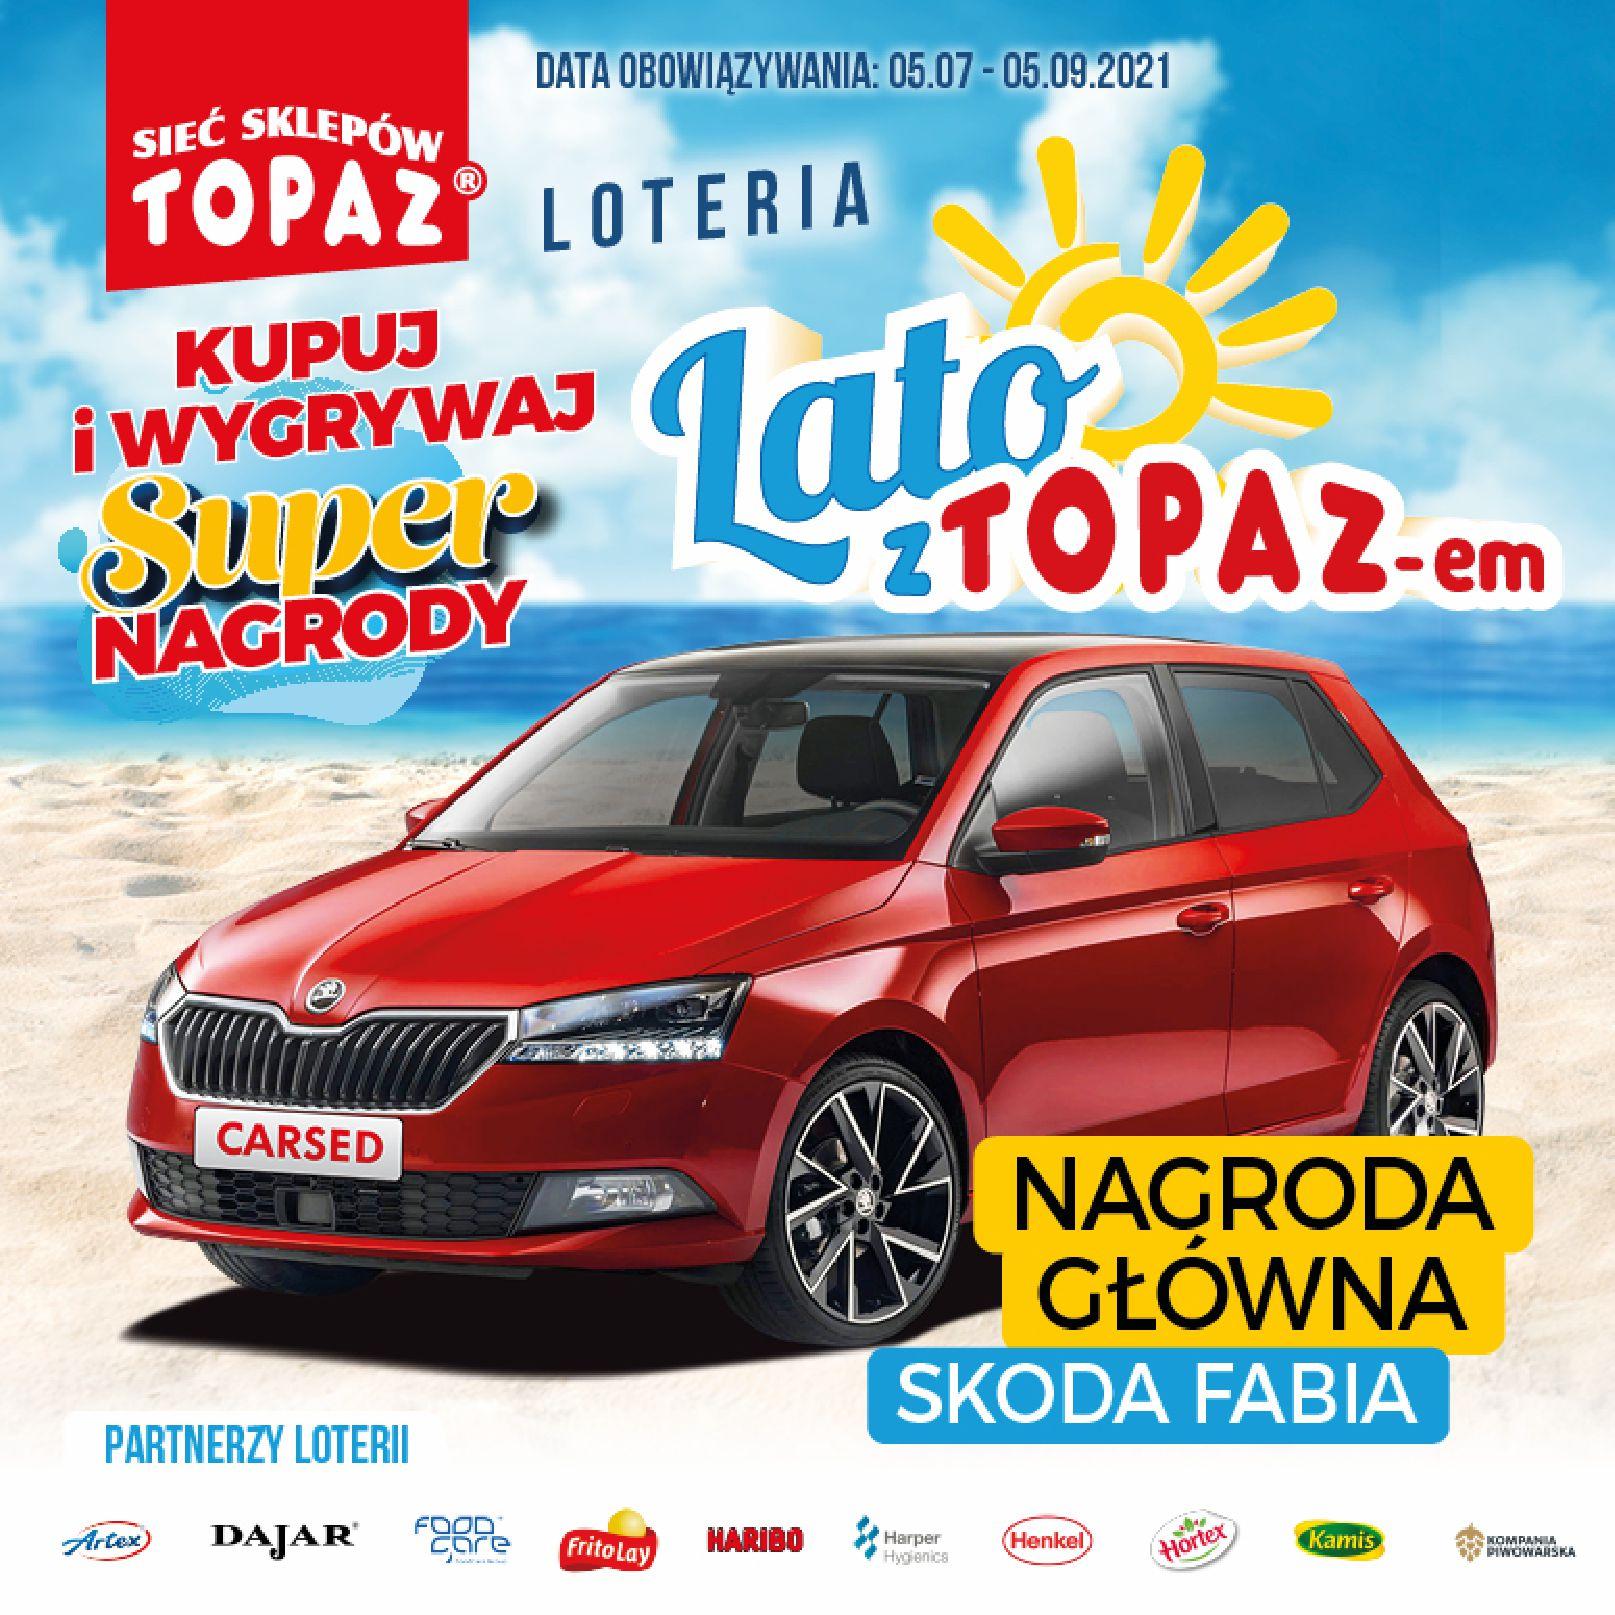 Gazetka TOPAZ: Gazetka TOPAZ - Loteria 2021-07-05 page-2